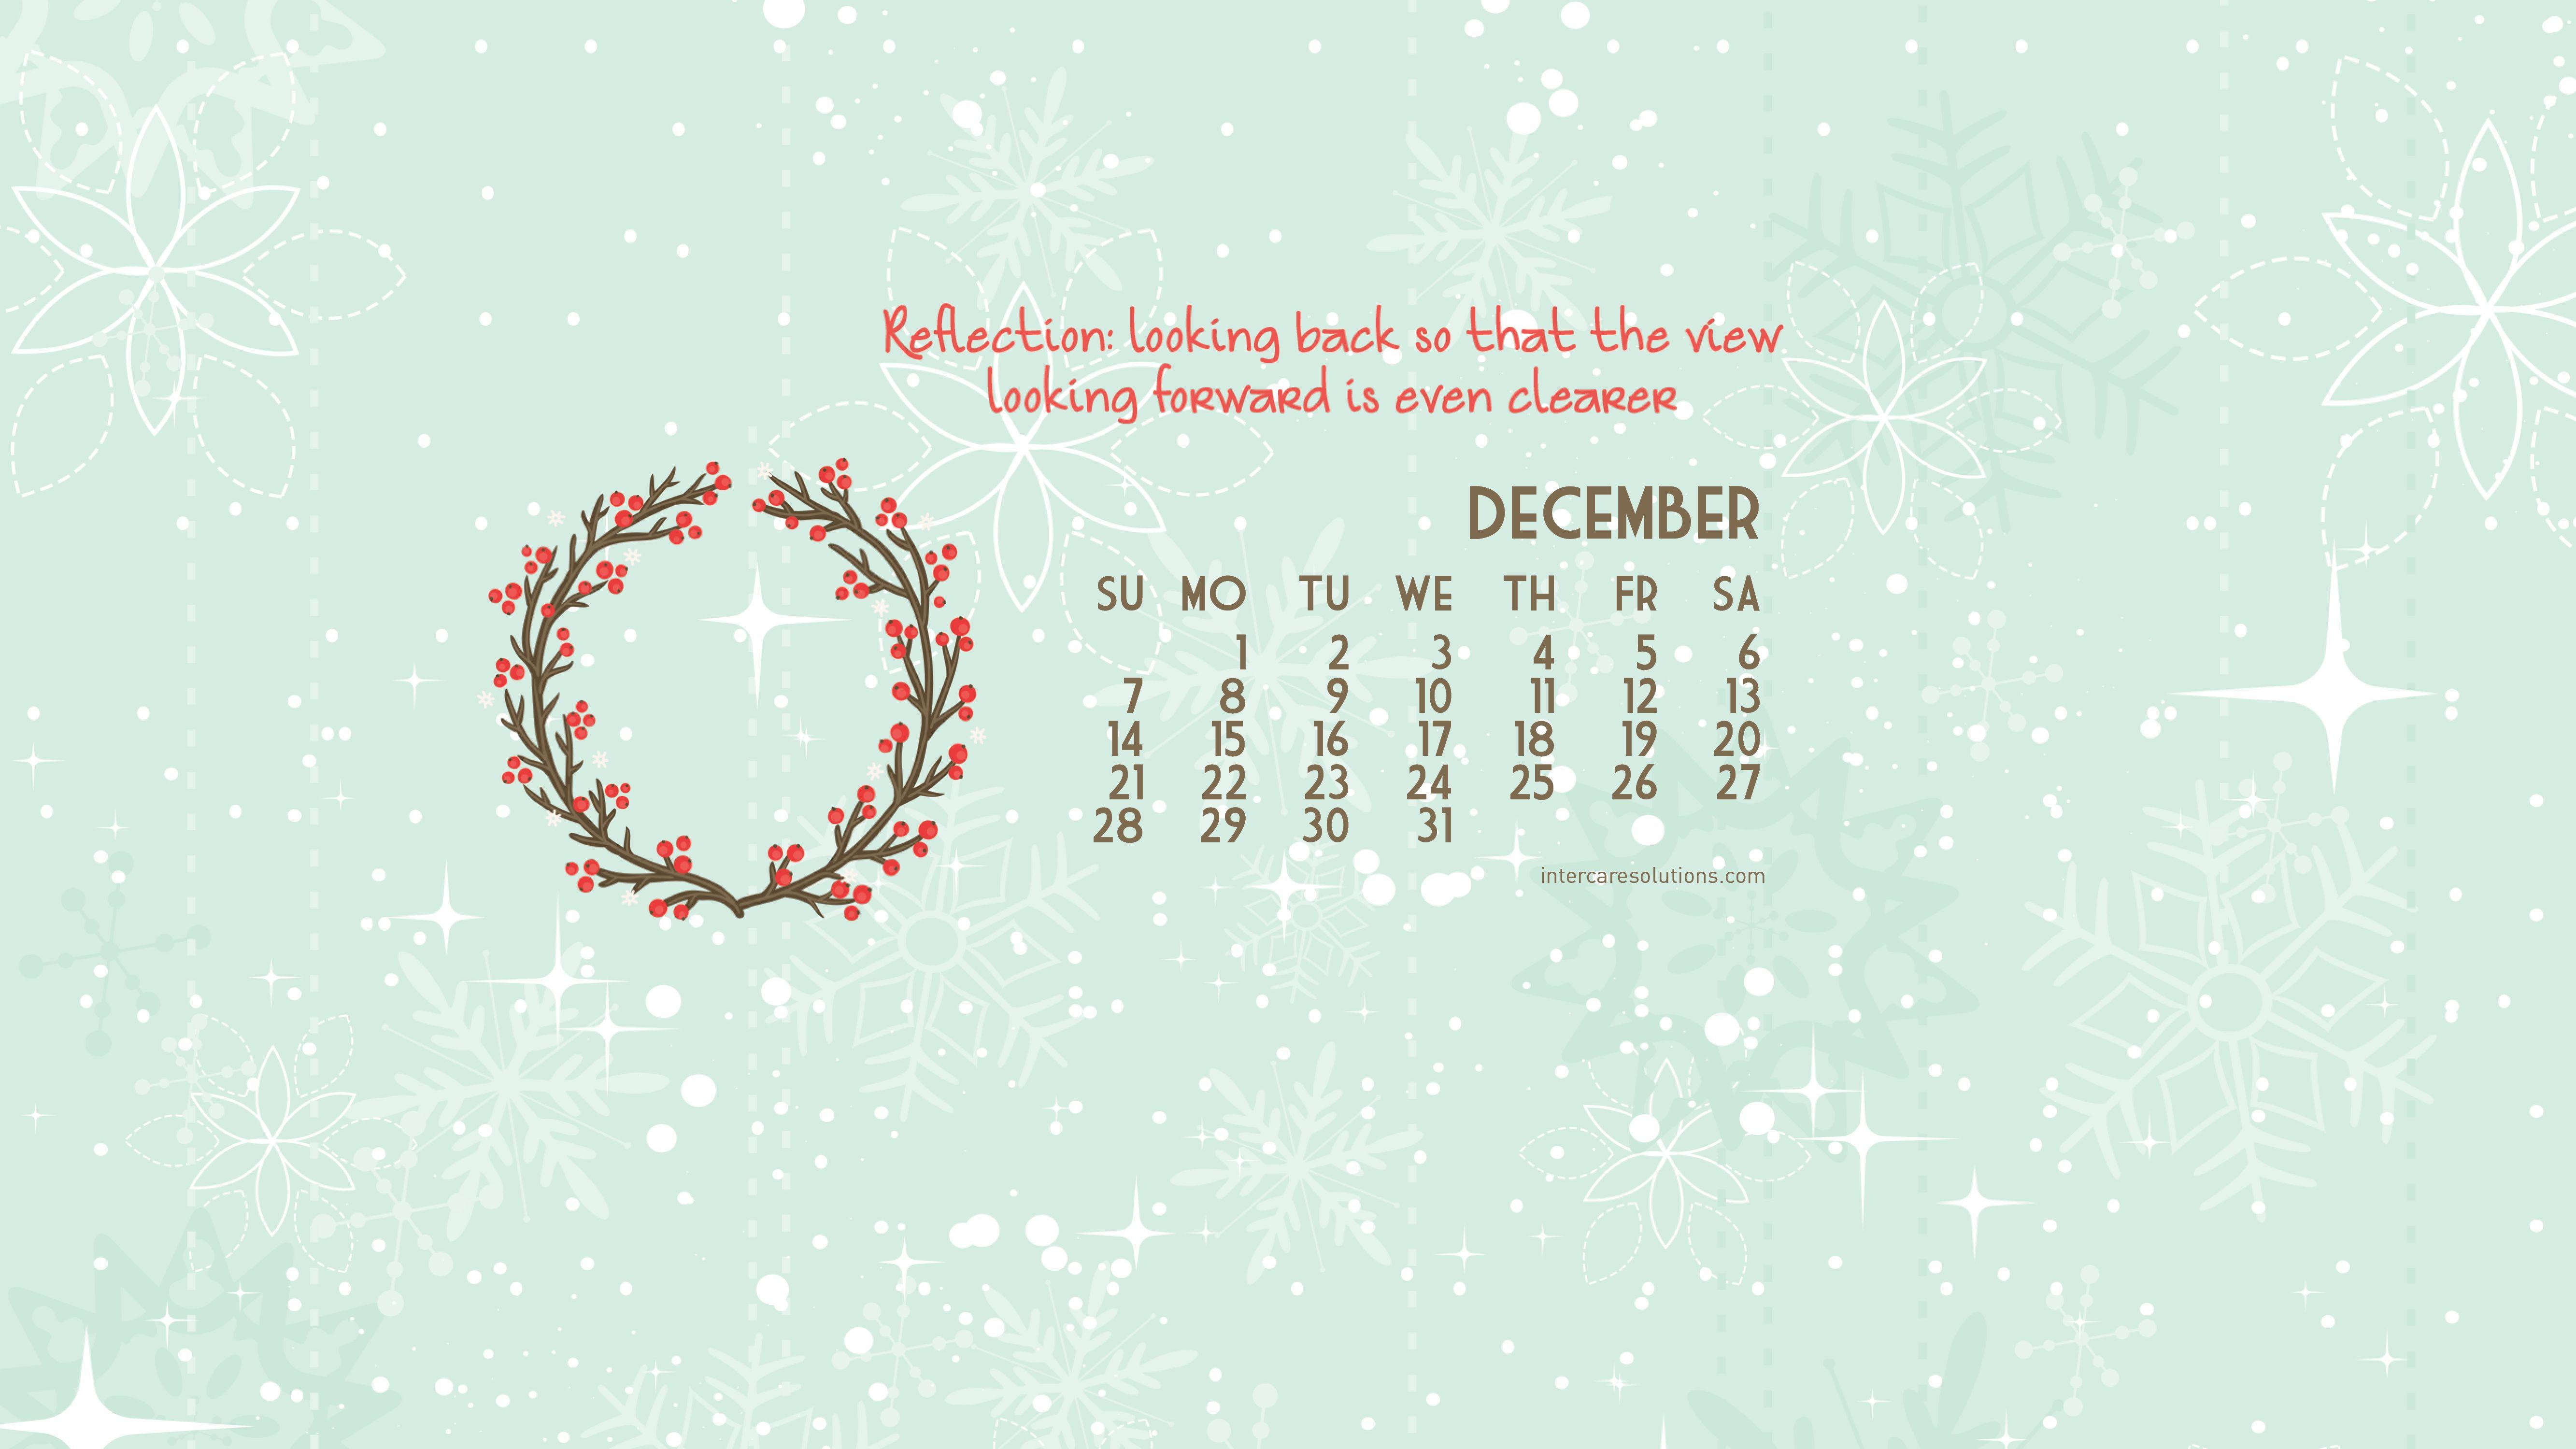 december 2014 calendar wallpaper desktop backgrounds